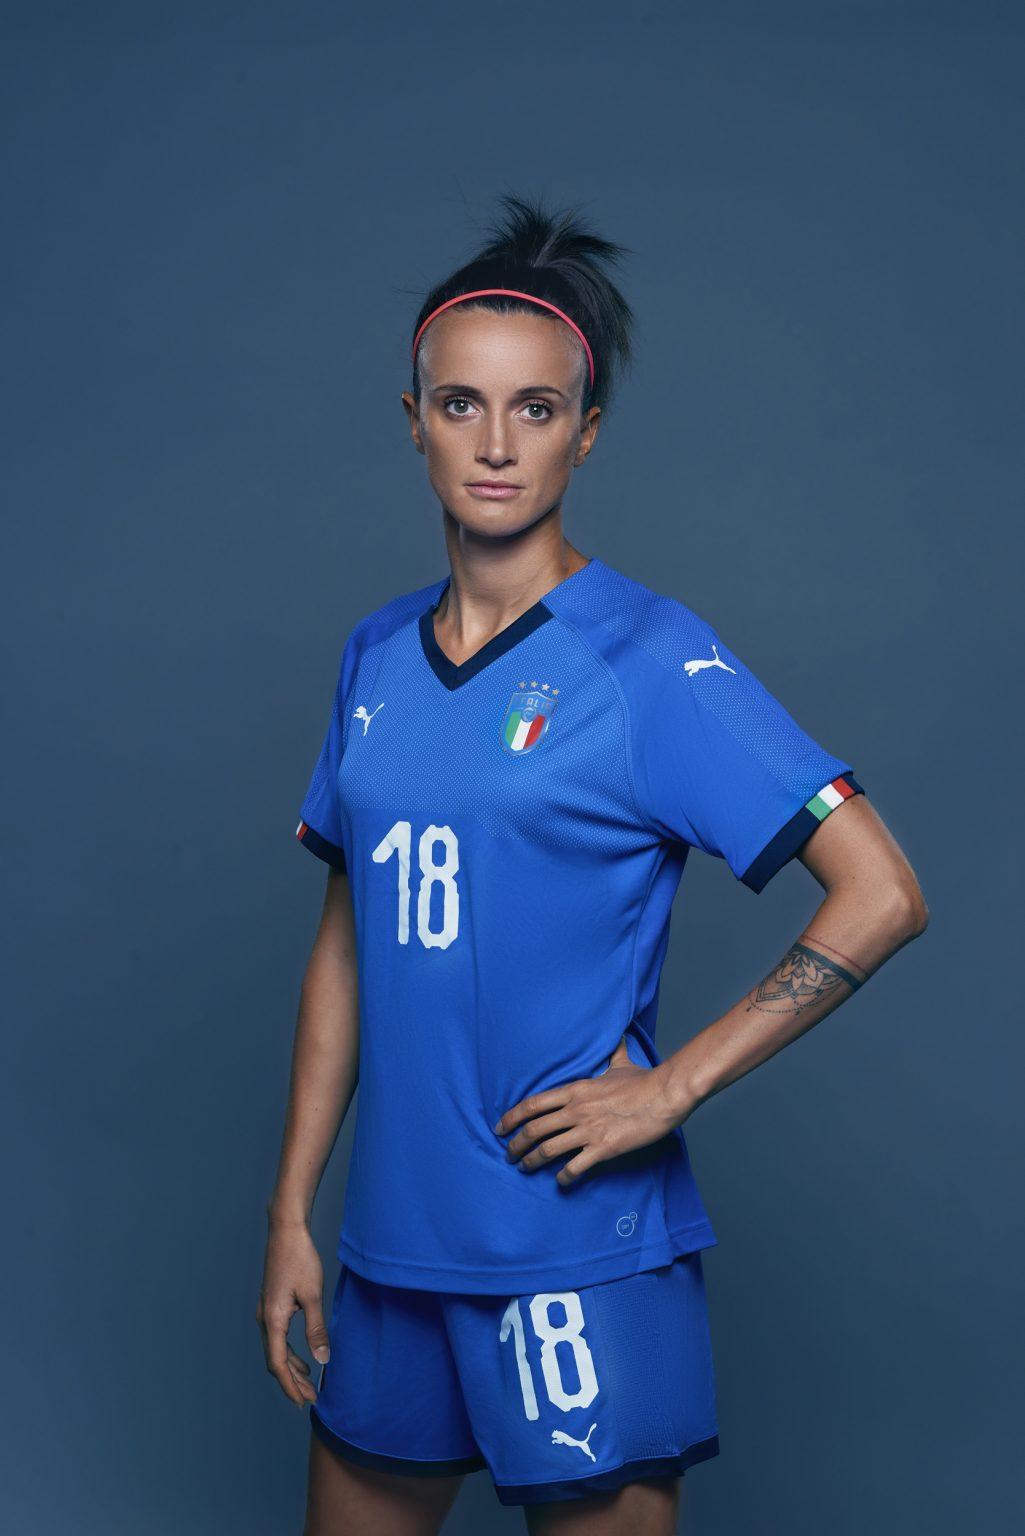 Florence, May 2019 - Barbara Bonansea, Italy women's national football team player. >< Firenze, maggio 2019 - Barbara Bonansea, calciatrice della Nazionale femminile italiana di calcio.